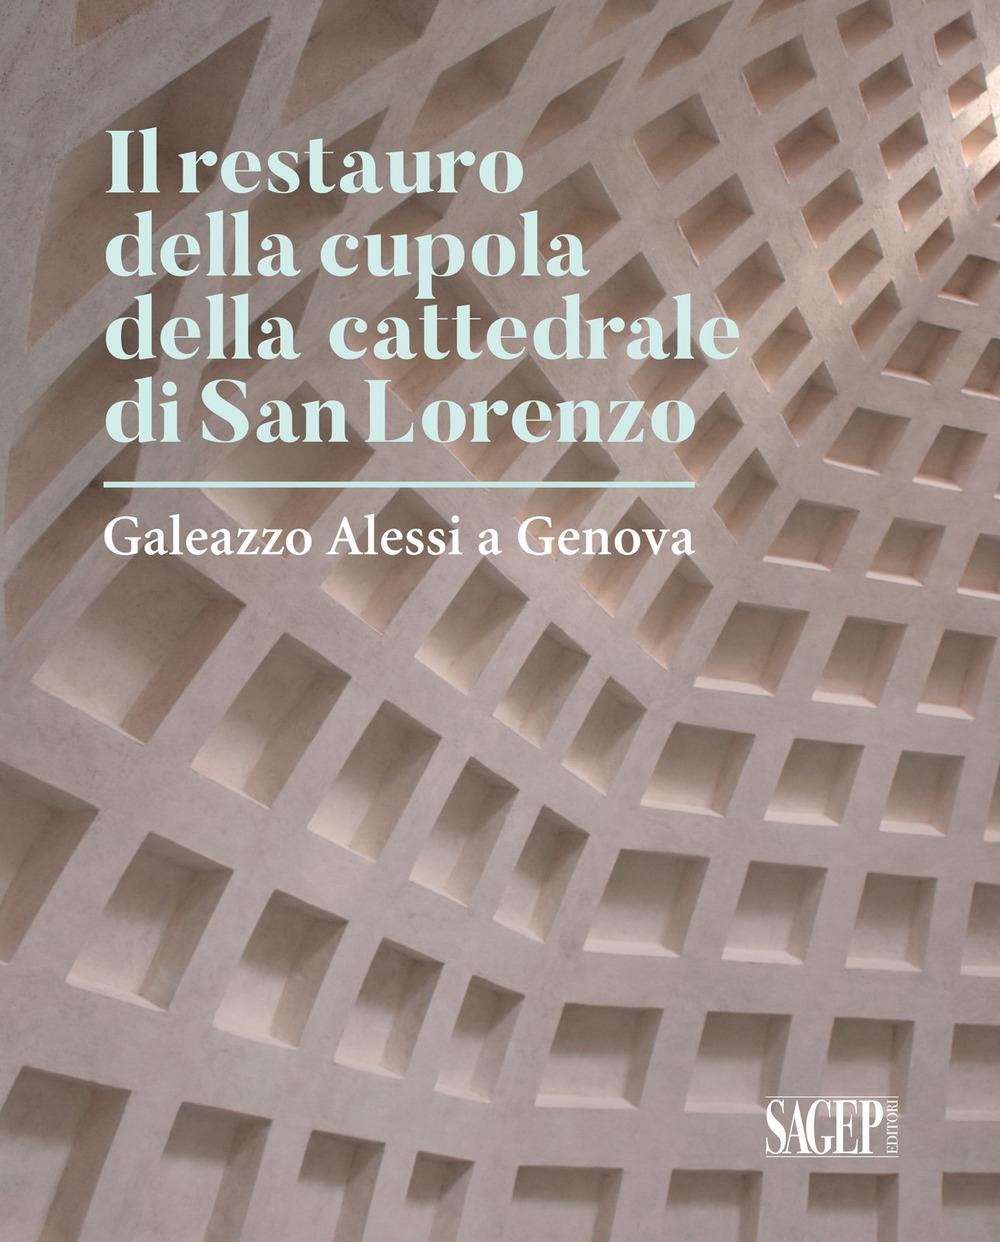 Il Restauro della cupola della Cattedrale di San Lorenzo. Galeazzo Alessi a Genova